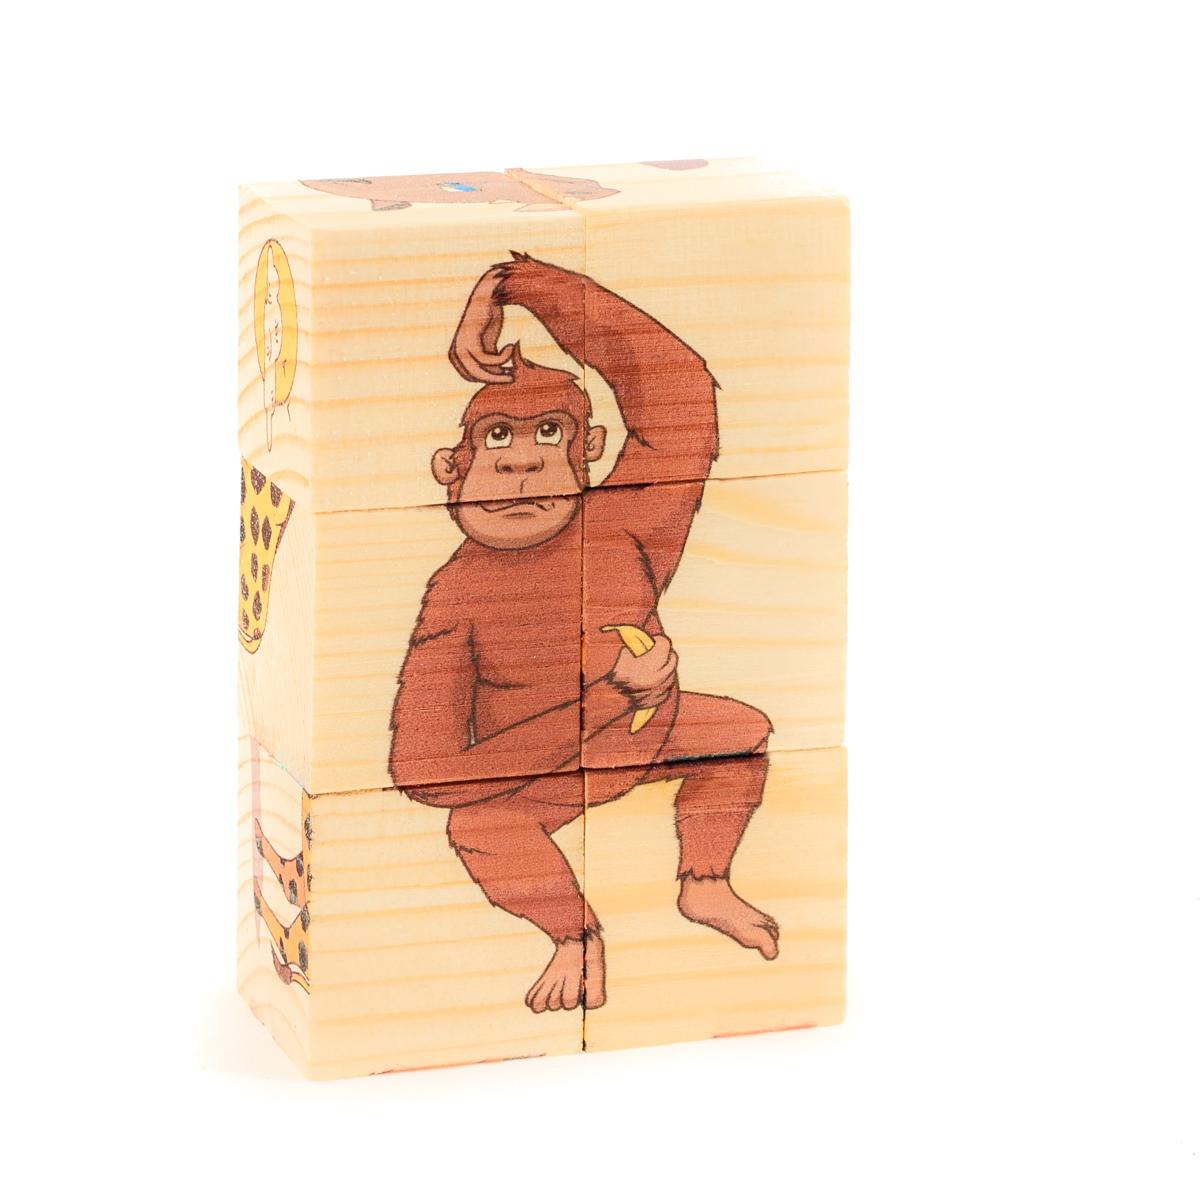 Фото - Развивающие деревянные игрушки Кубики Животные развивающие деревянные игрушки кубики фрукты